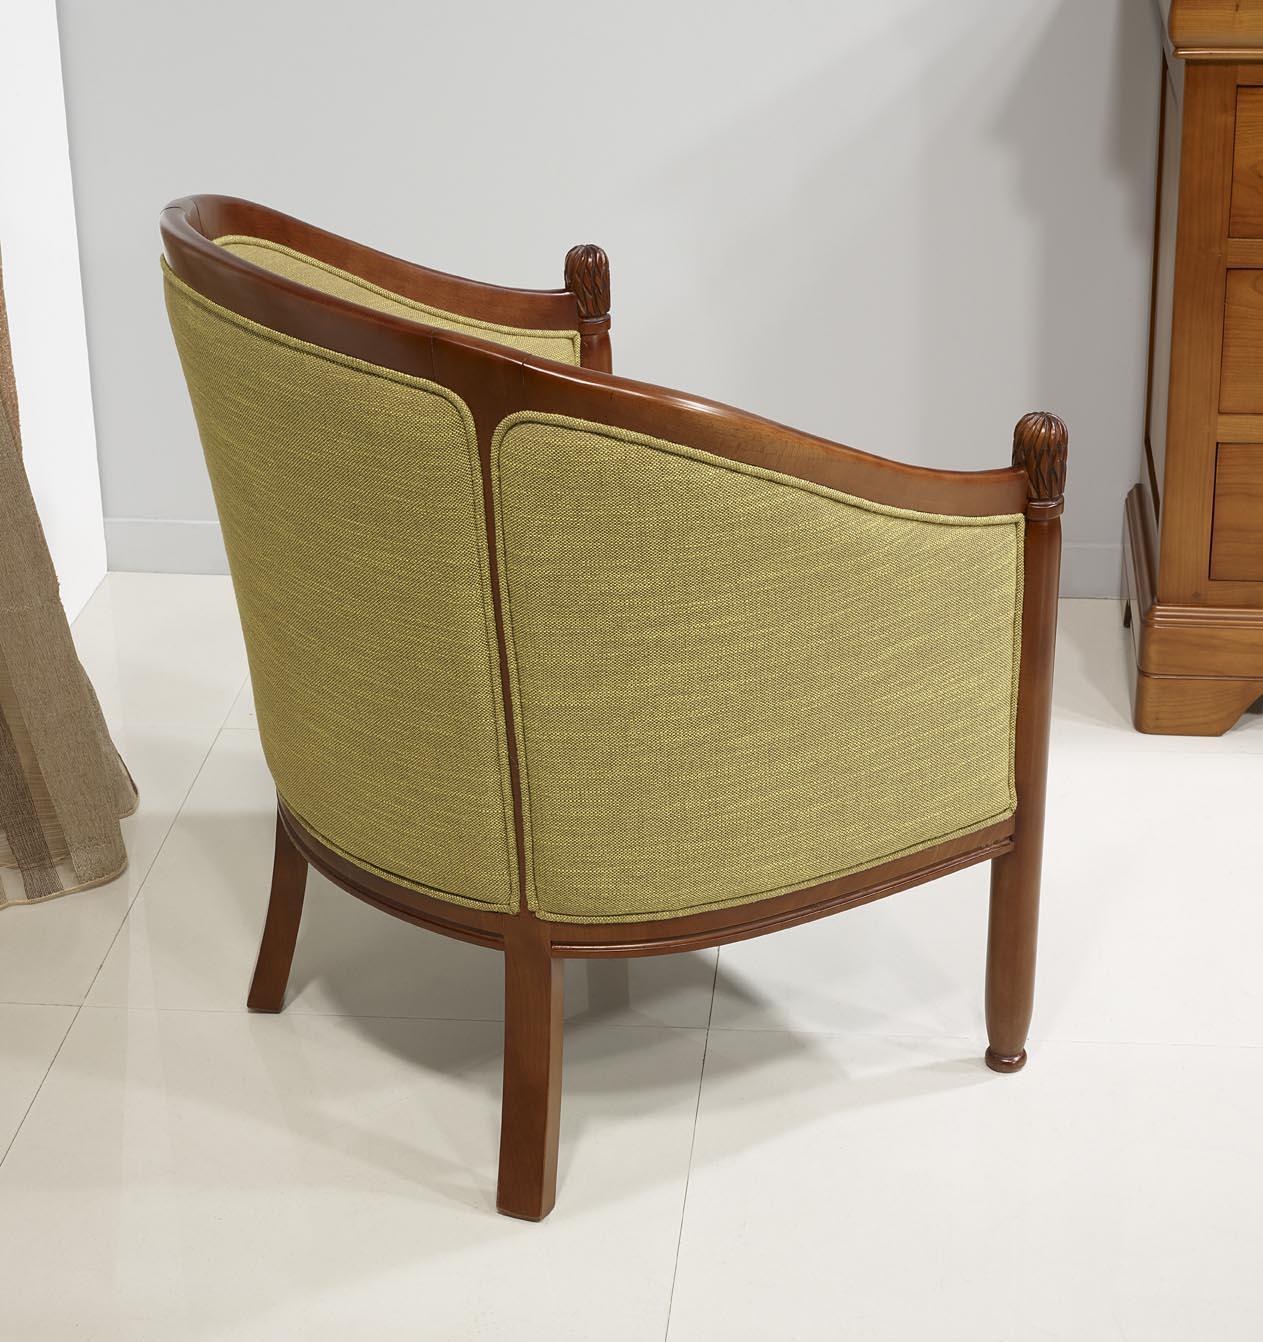 fauteuil cabriolet en h tre massif de style louis philippe meuble en merisier. Black Bedroom Furniture Sets. Home Design Ideas